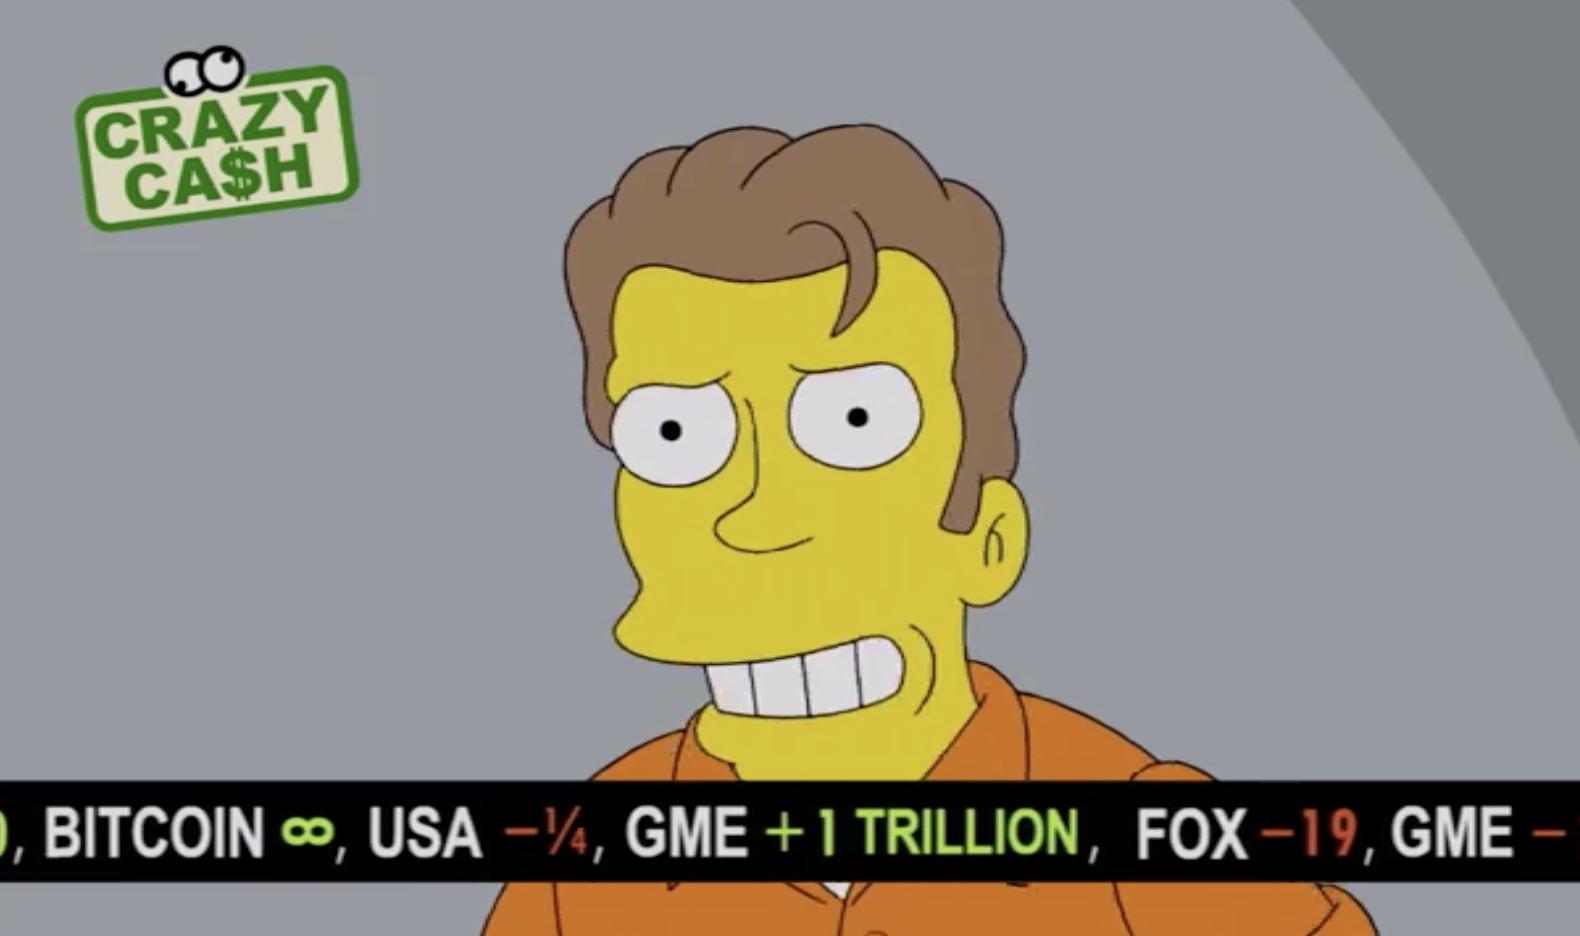 Bitcoin llega a Springfield: un episodio de Los Simpson muestra el precio de BTC subiendo hasta el infinito